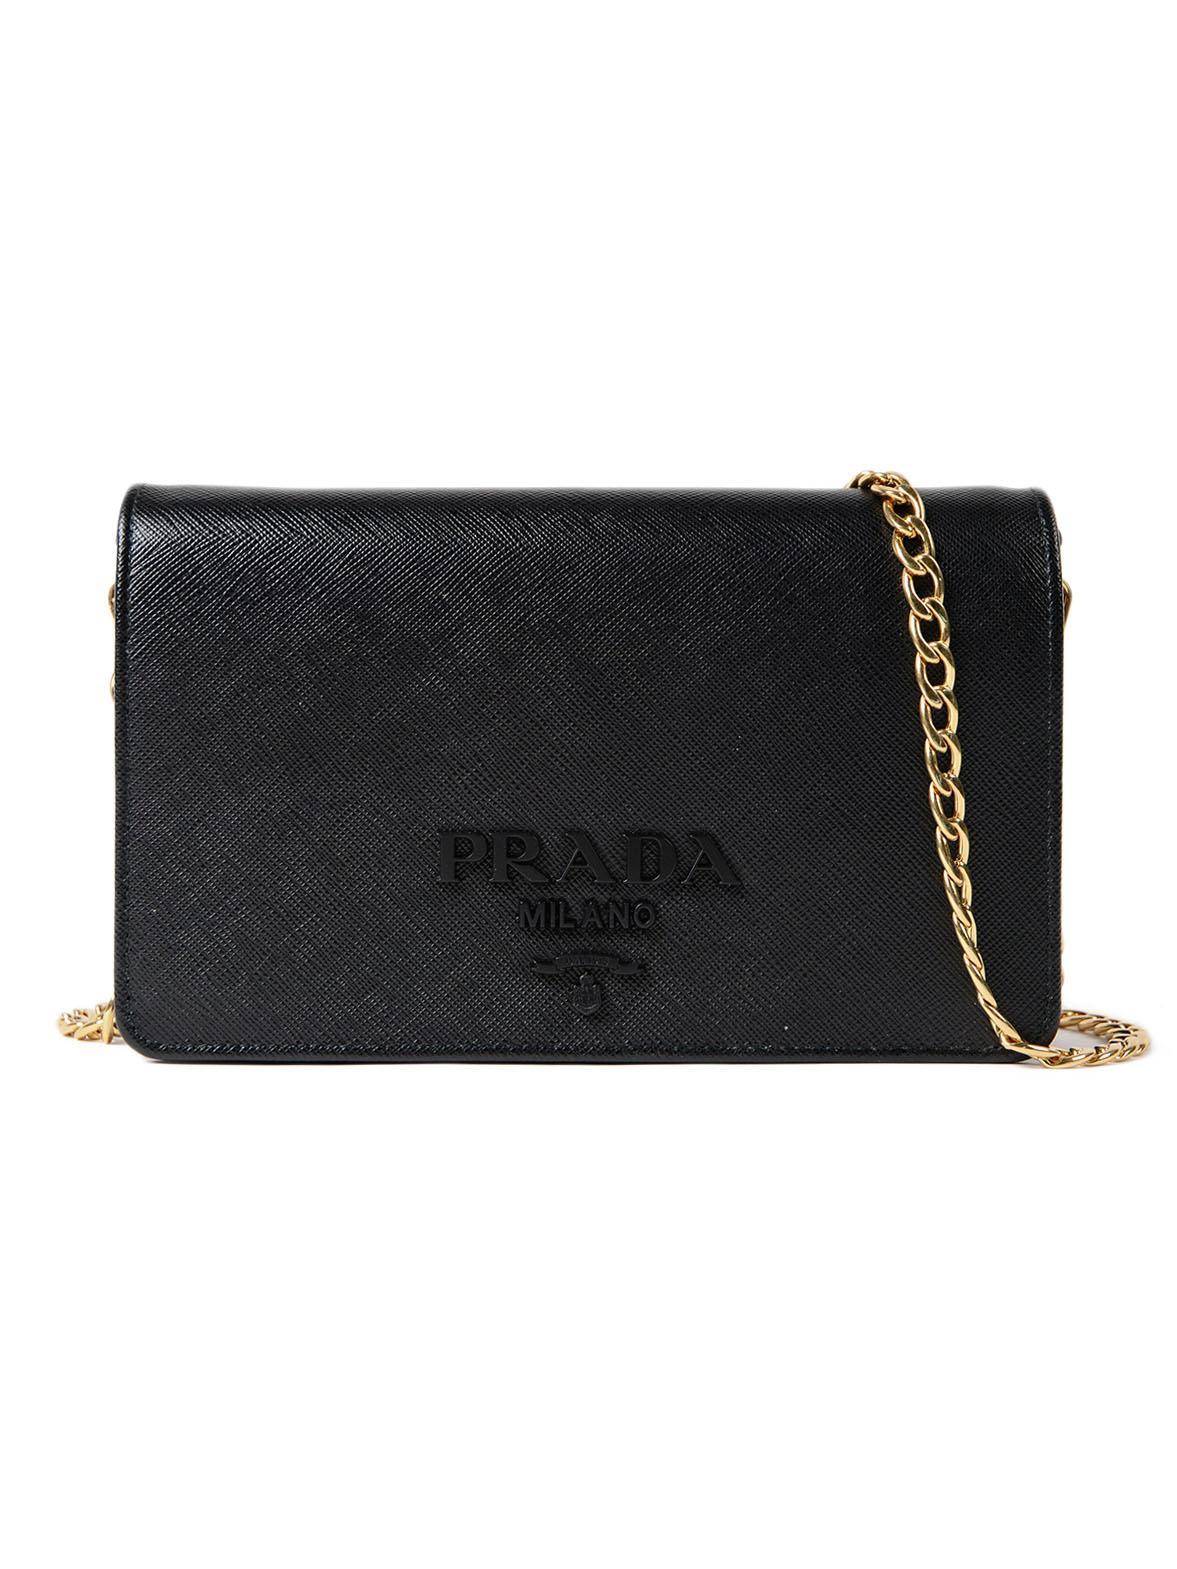 5c667db717bc Prada Saffiano Lux Wallet Bag in Black - Lyst